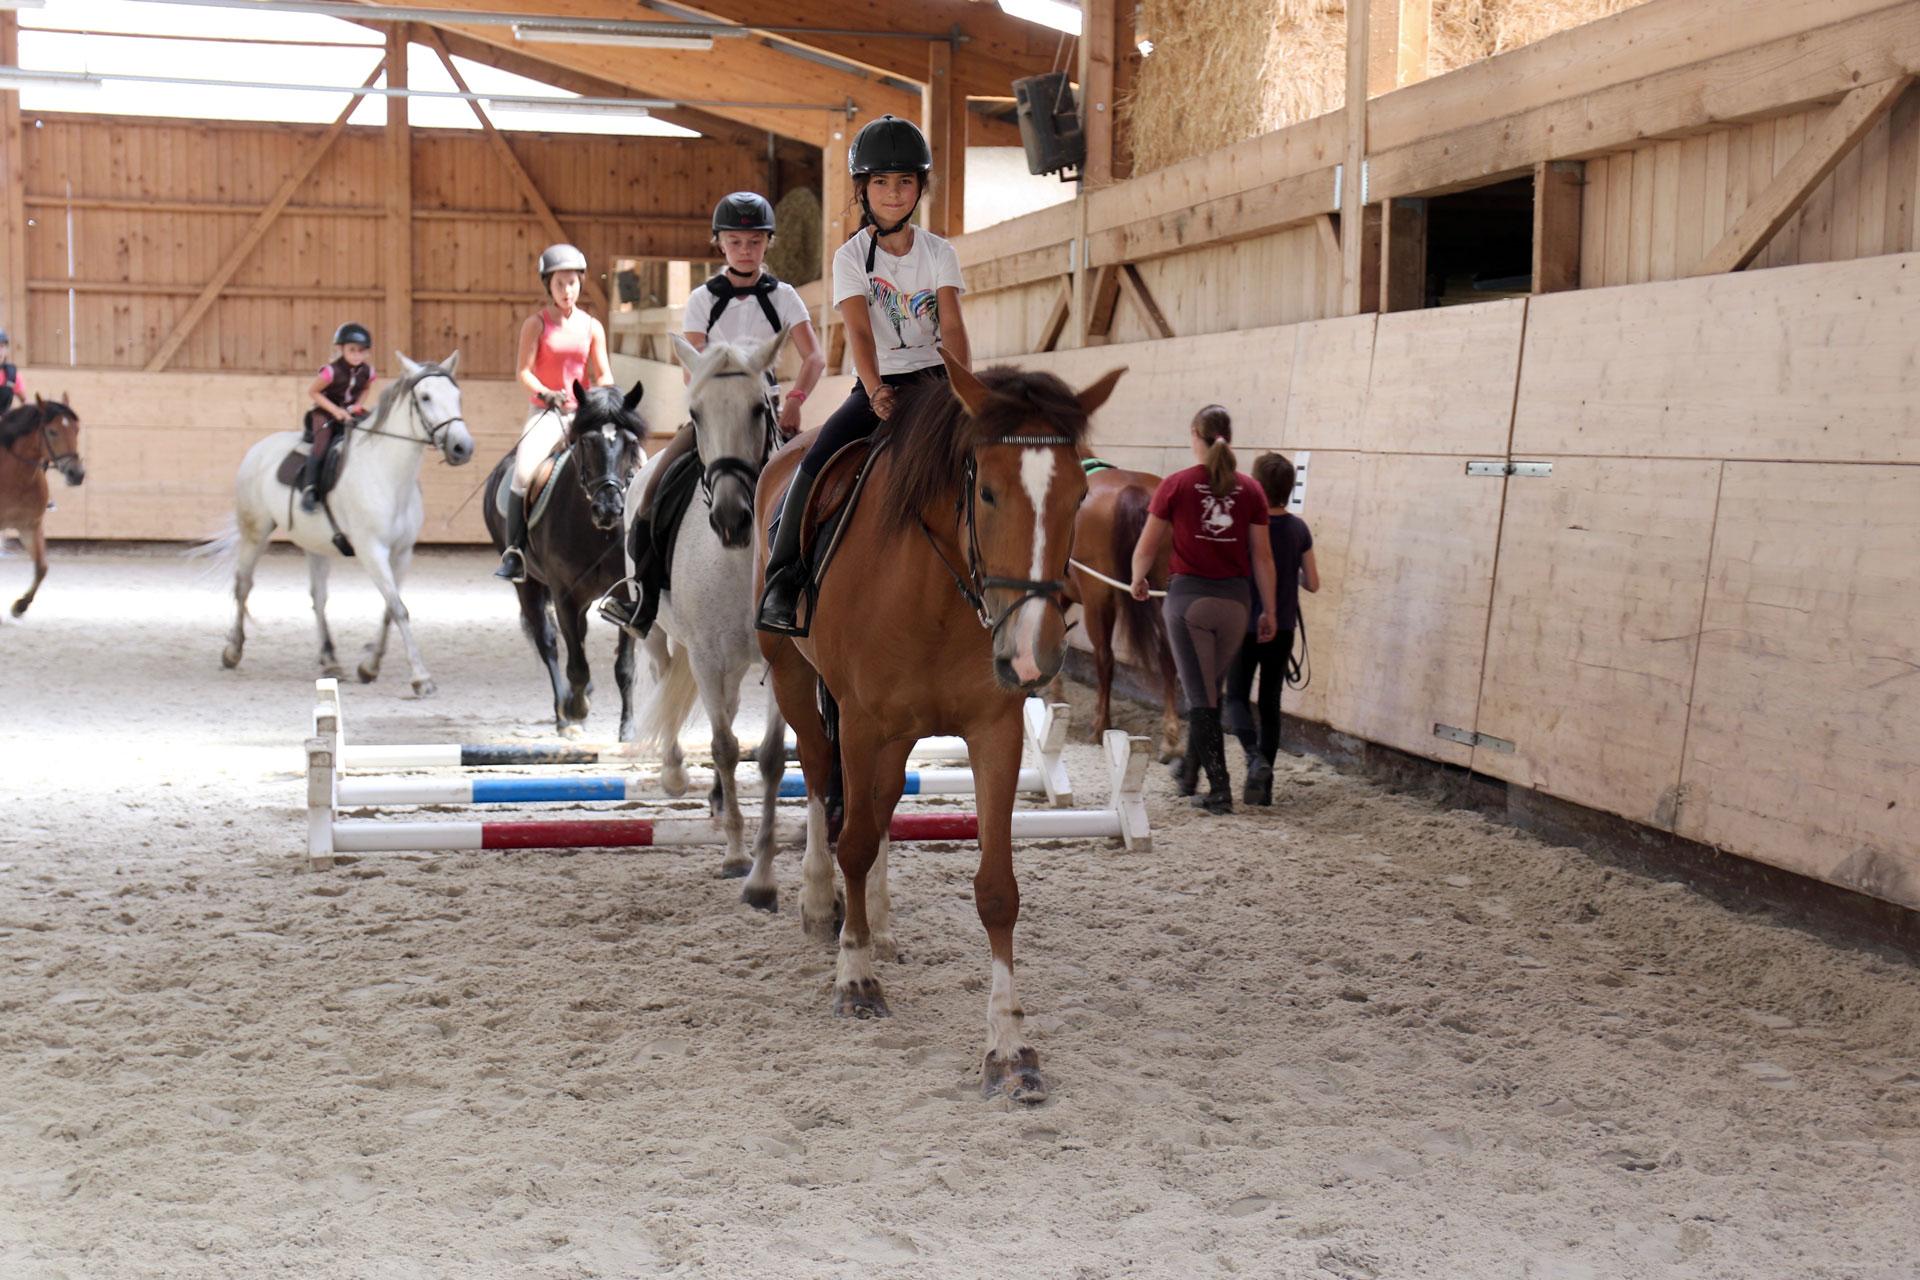 Camps d'équitation Ferme Équestre les Kà - Vuadens - Bulle Gruyère - école d'équitation